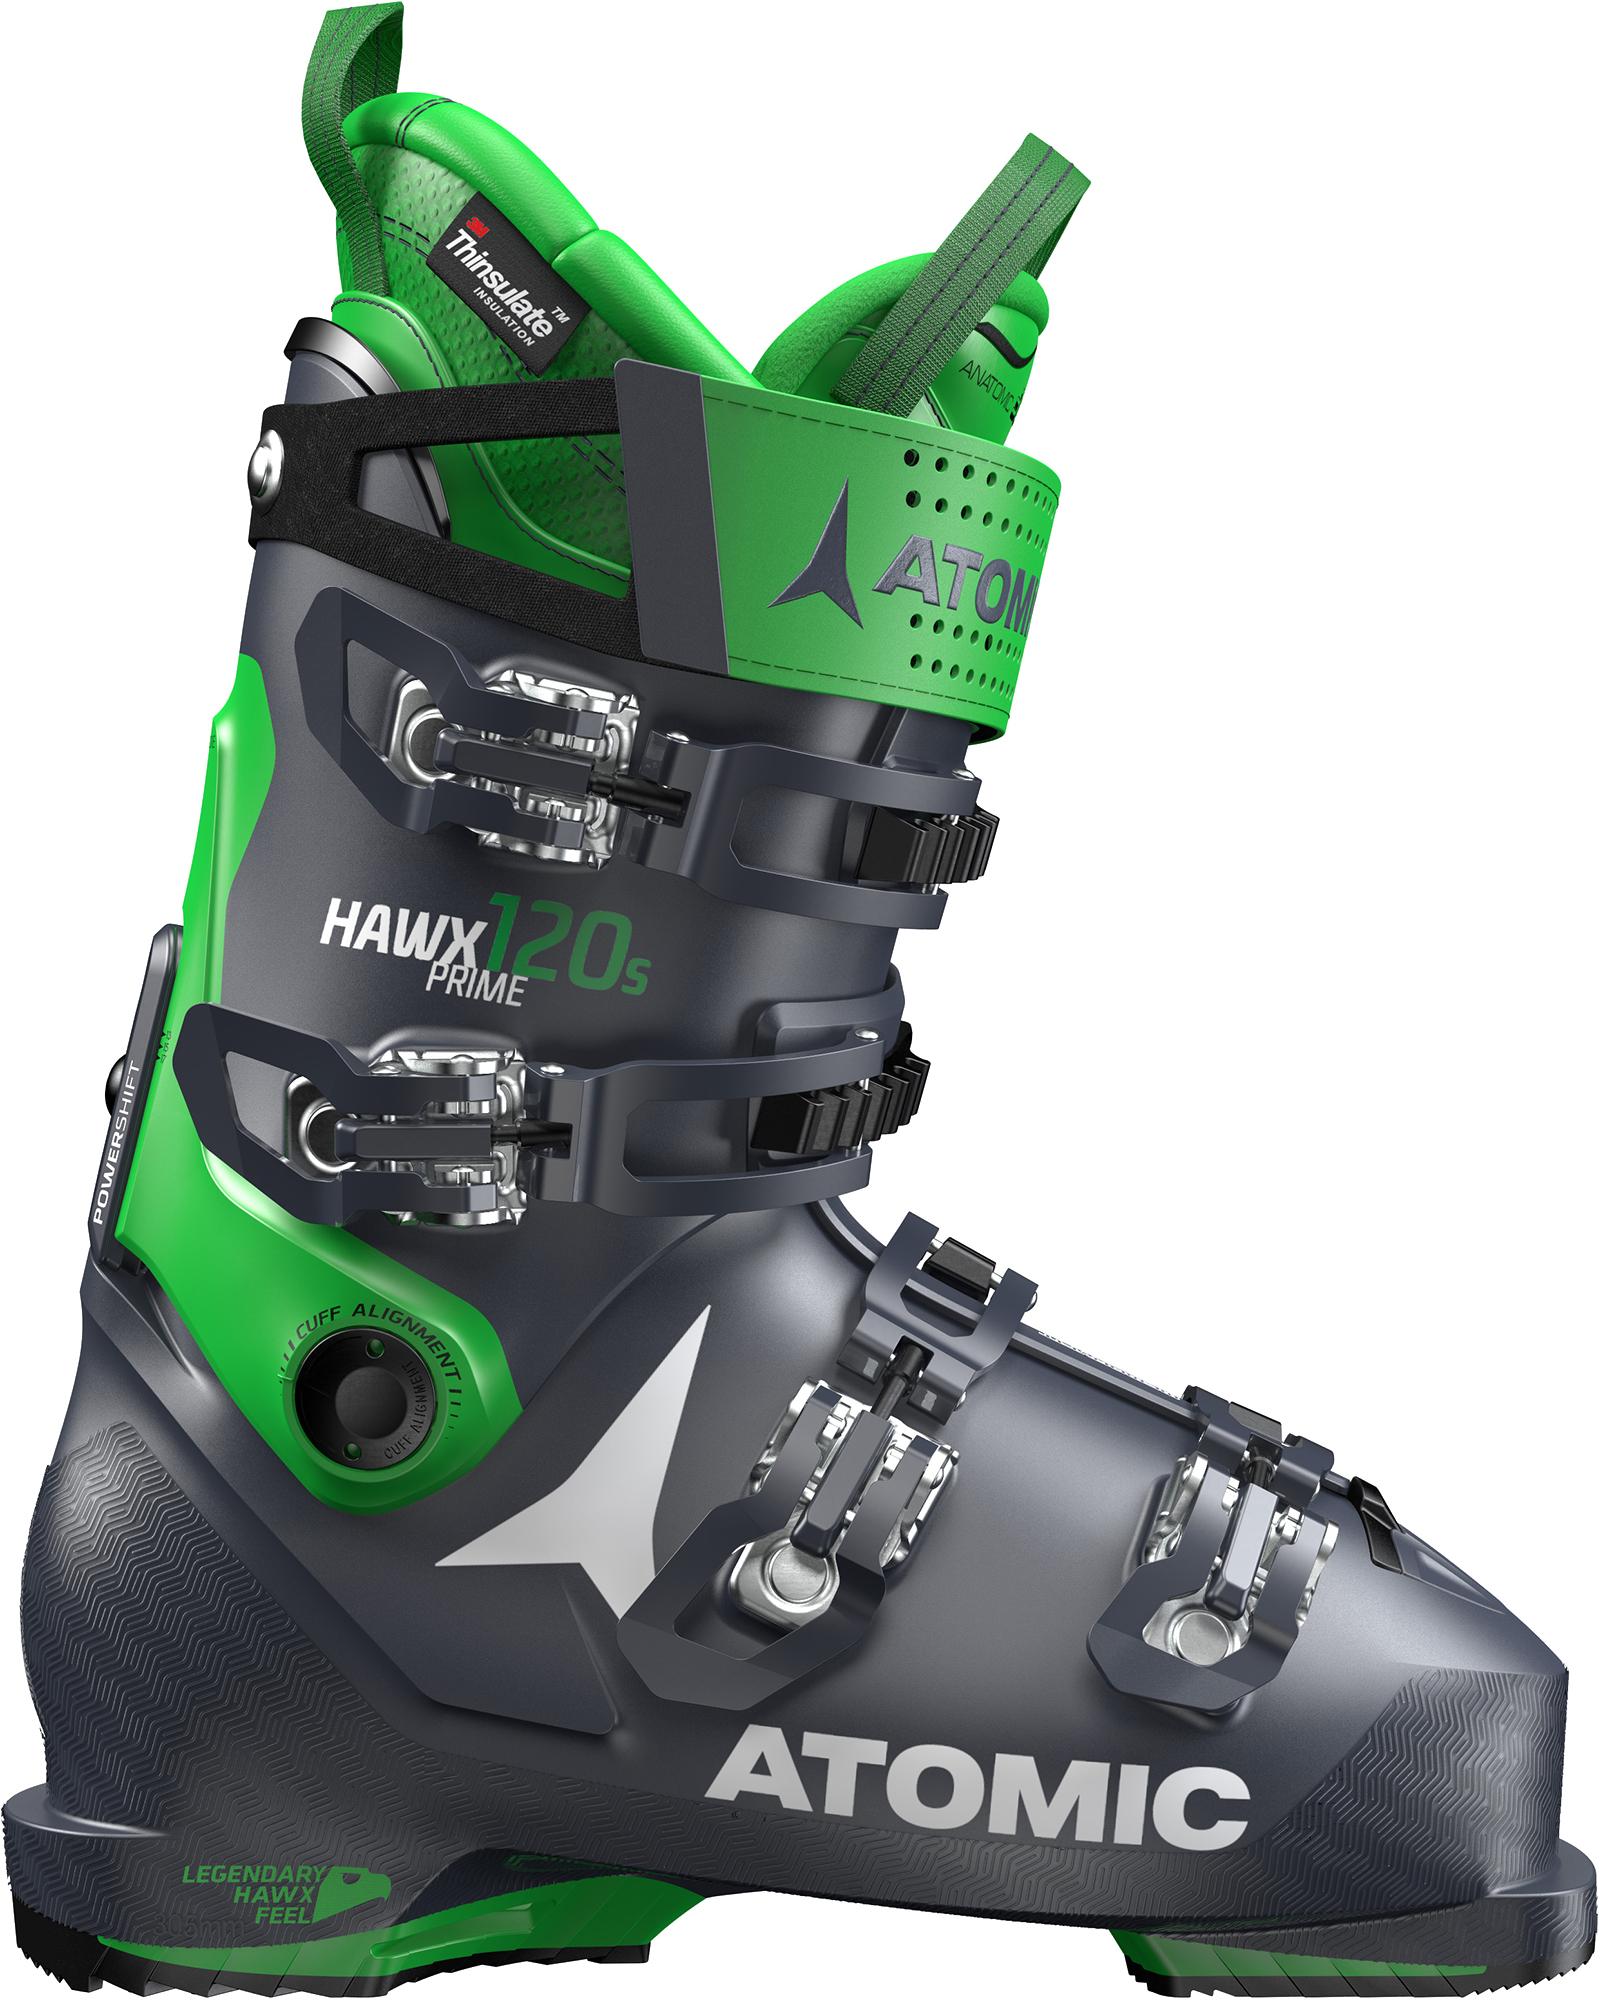 Atomic Ботинки горнолыжные HAWX PRIME 120 S, размер 31 см